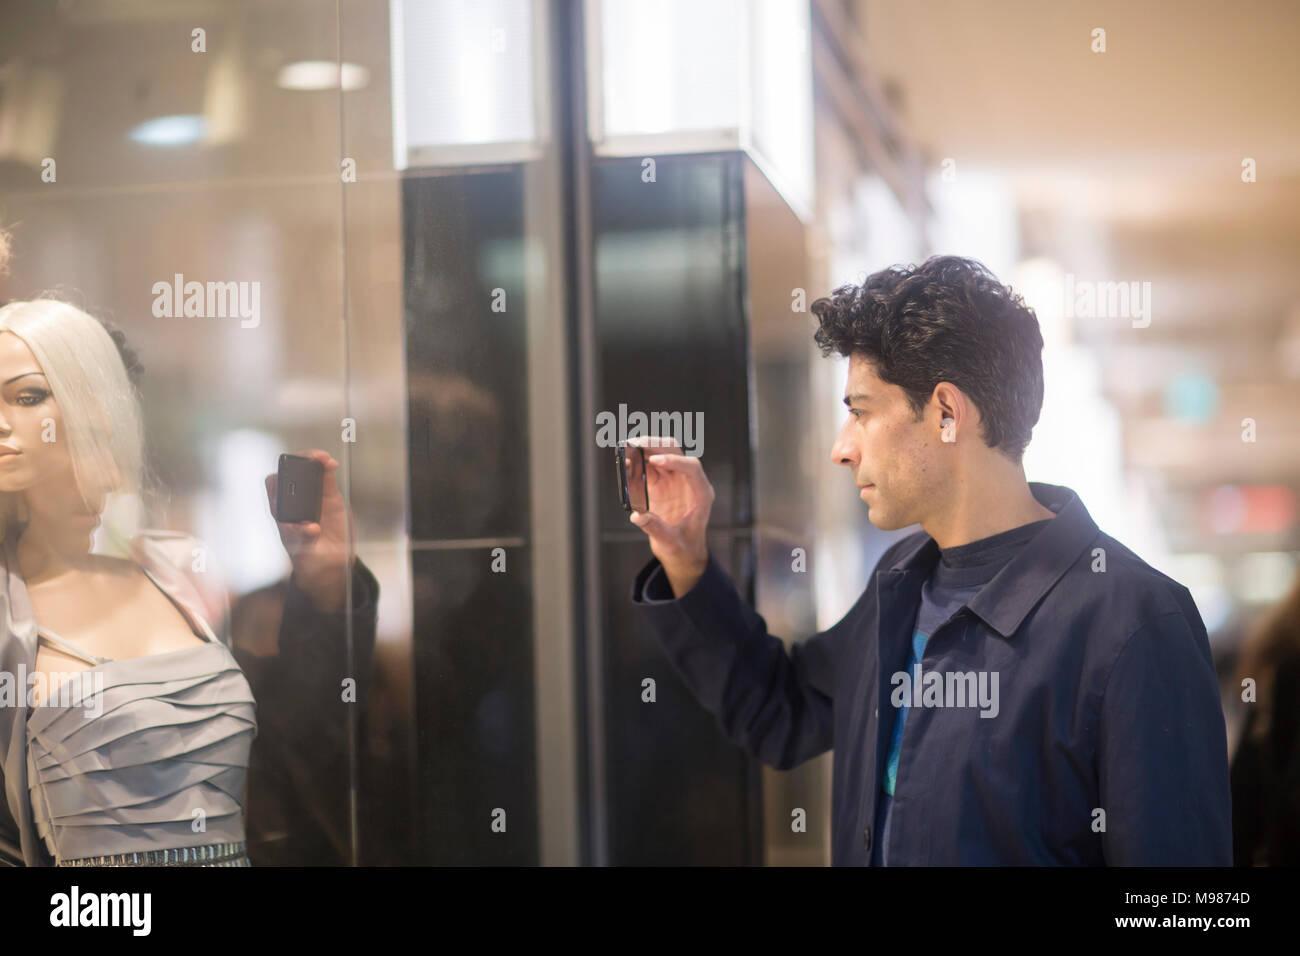 Mann, Foto, Schaufensterpuppe mit Handy Stockbild